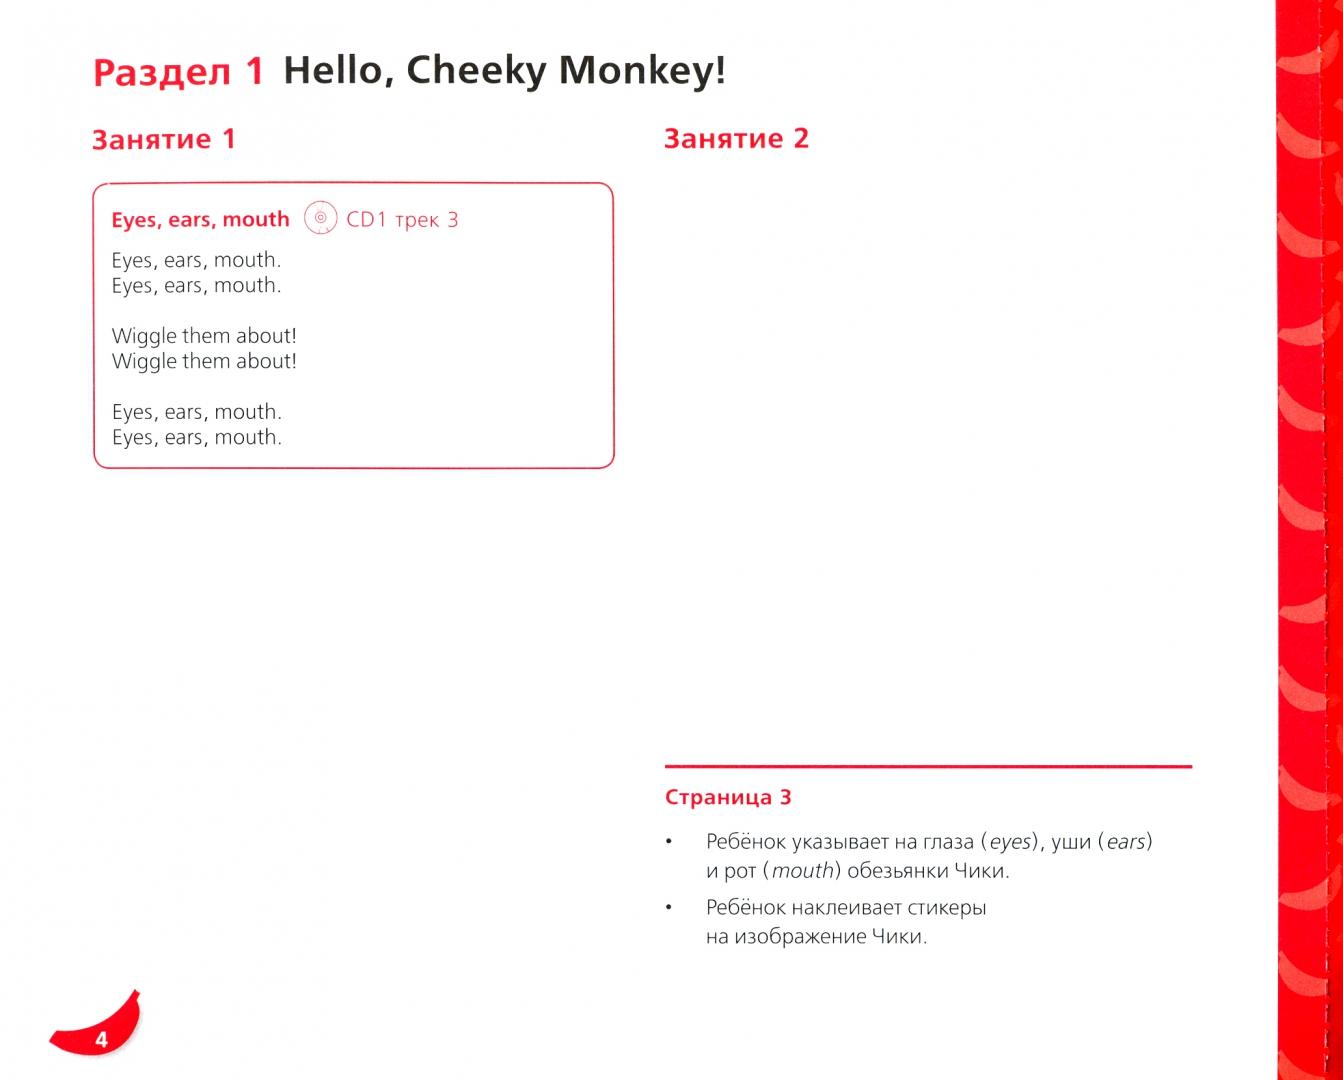 Иллюстрация 1 из 11 для Cheeky Monkey 1. Развивающее пособие для дошкольников. Средняя группа. 4-5 лет. ФГОС - Комарова, Медуэлл   Лабиринт - книги. Источник: Лабиринт